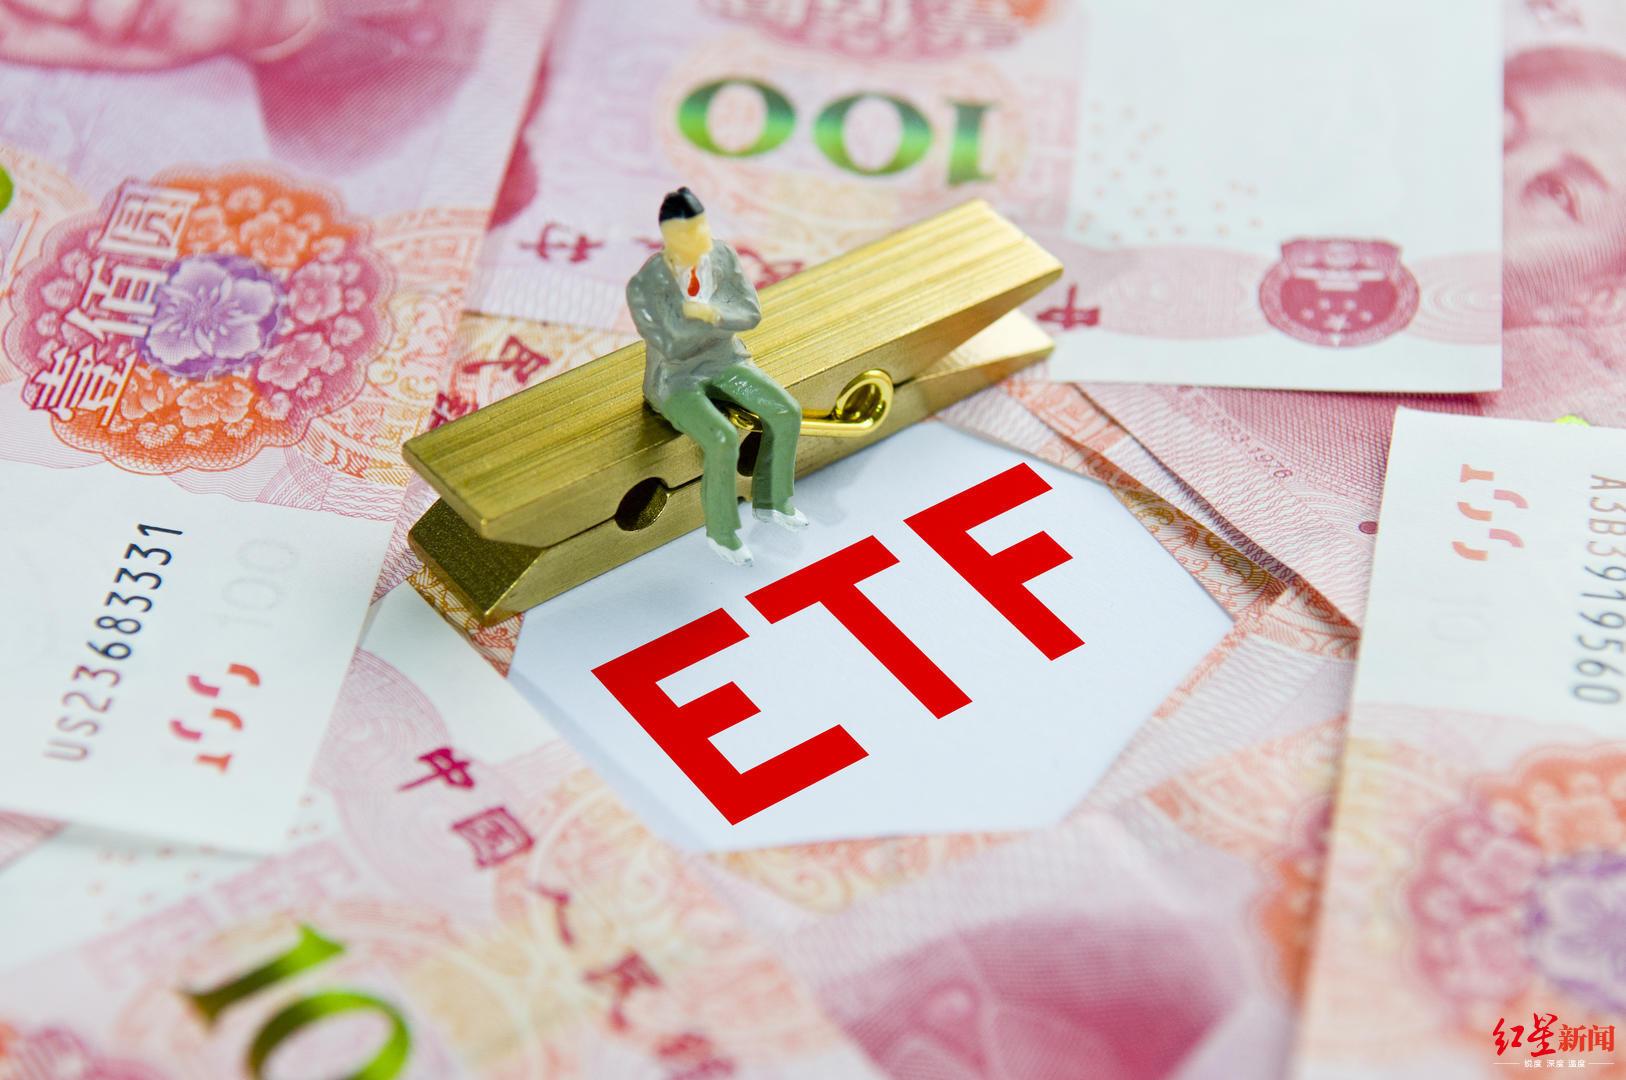 上交所新增ETF期权合约品种获批 拟于12月上市交易_市场